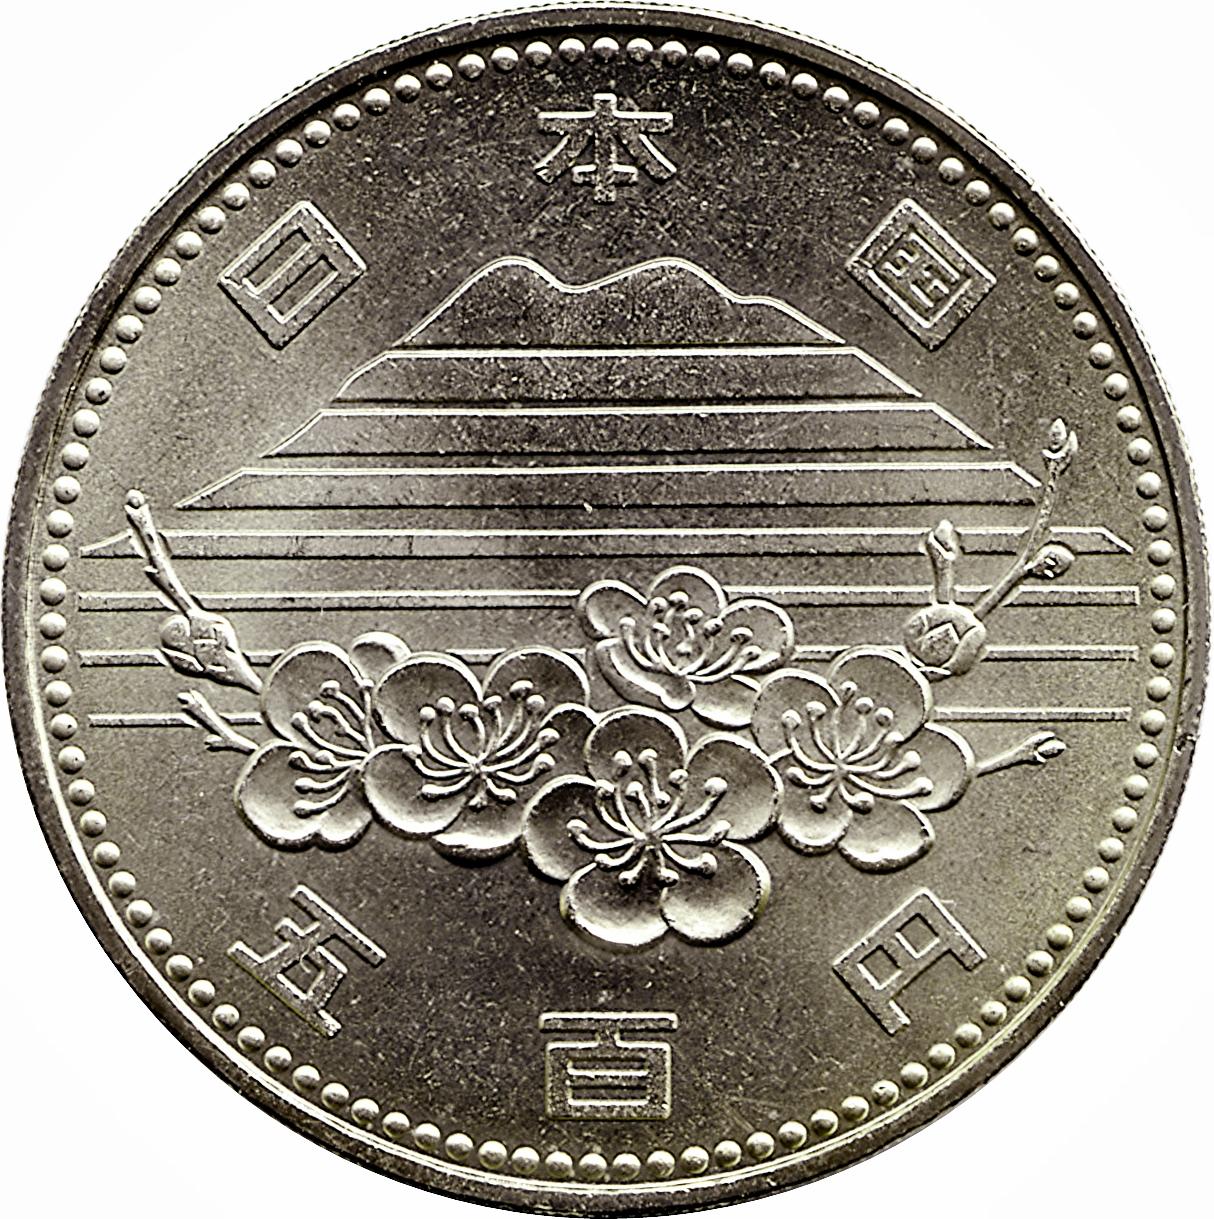 1985 Japan 500 Yen commemorative UNC Tsukuba EXPO